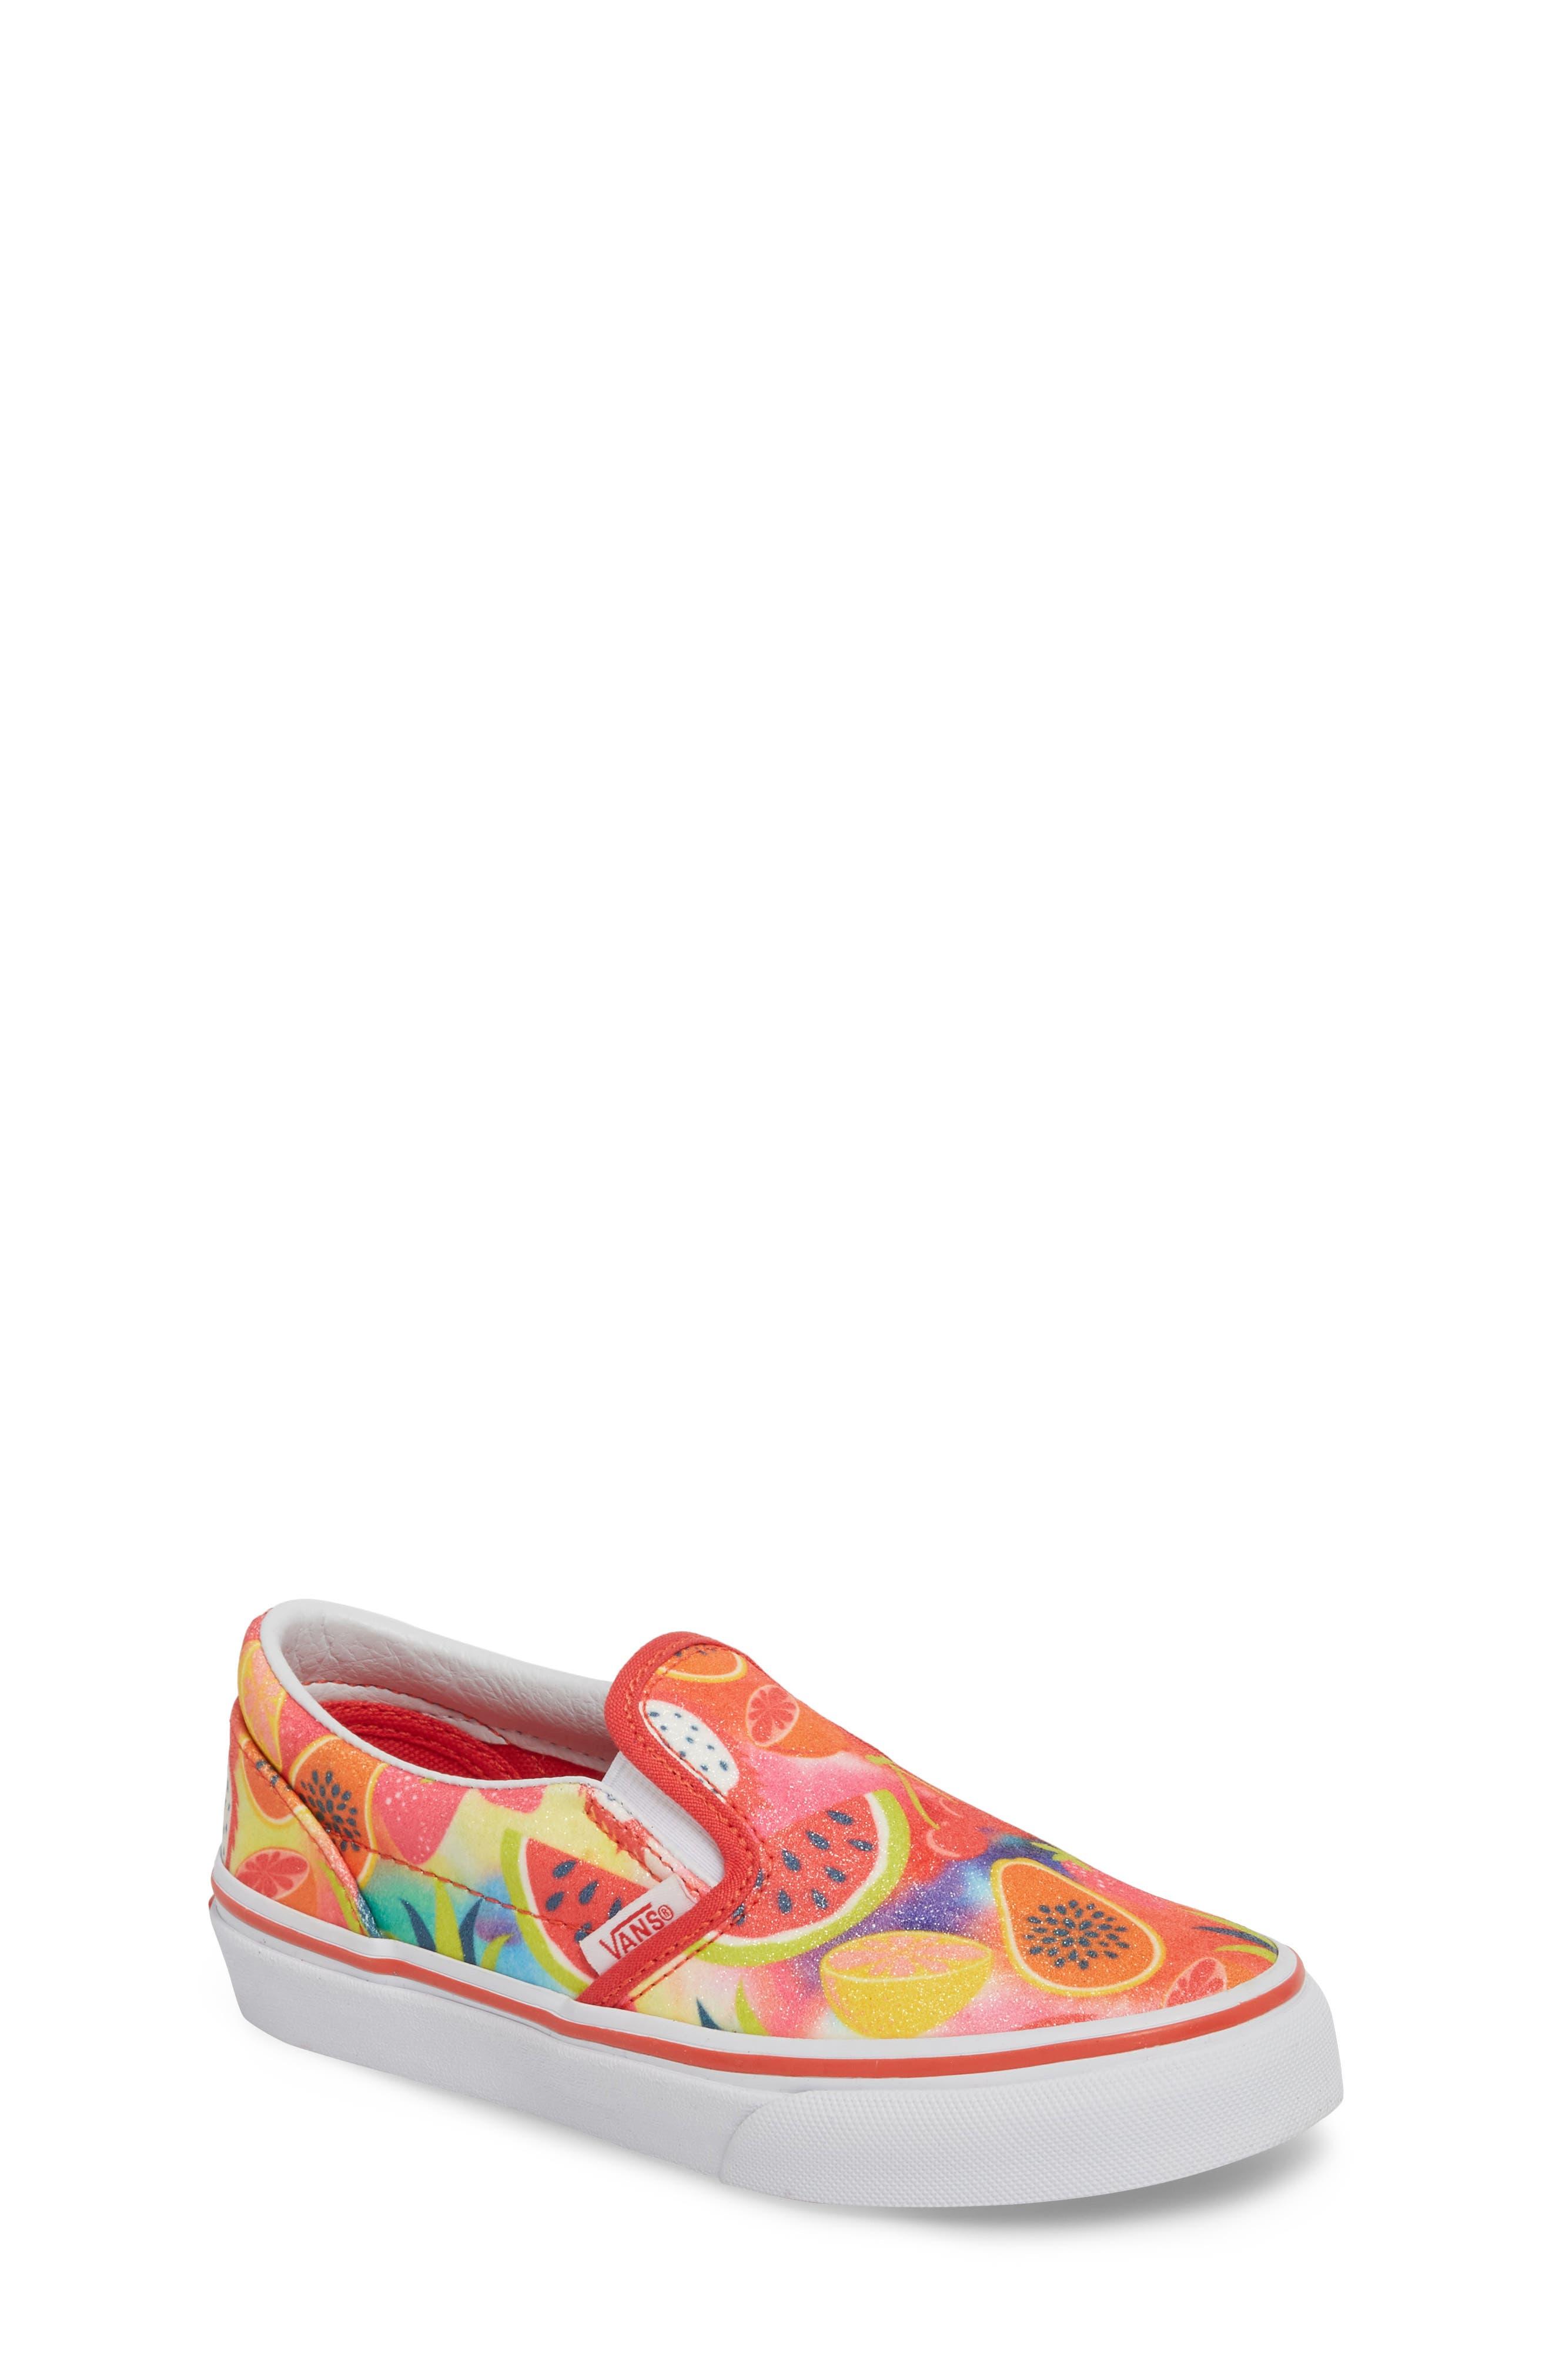 Vans Classic Glitter Fruit Slip-On Sneaker (Toddler, Little Kid & Big Kid